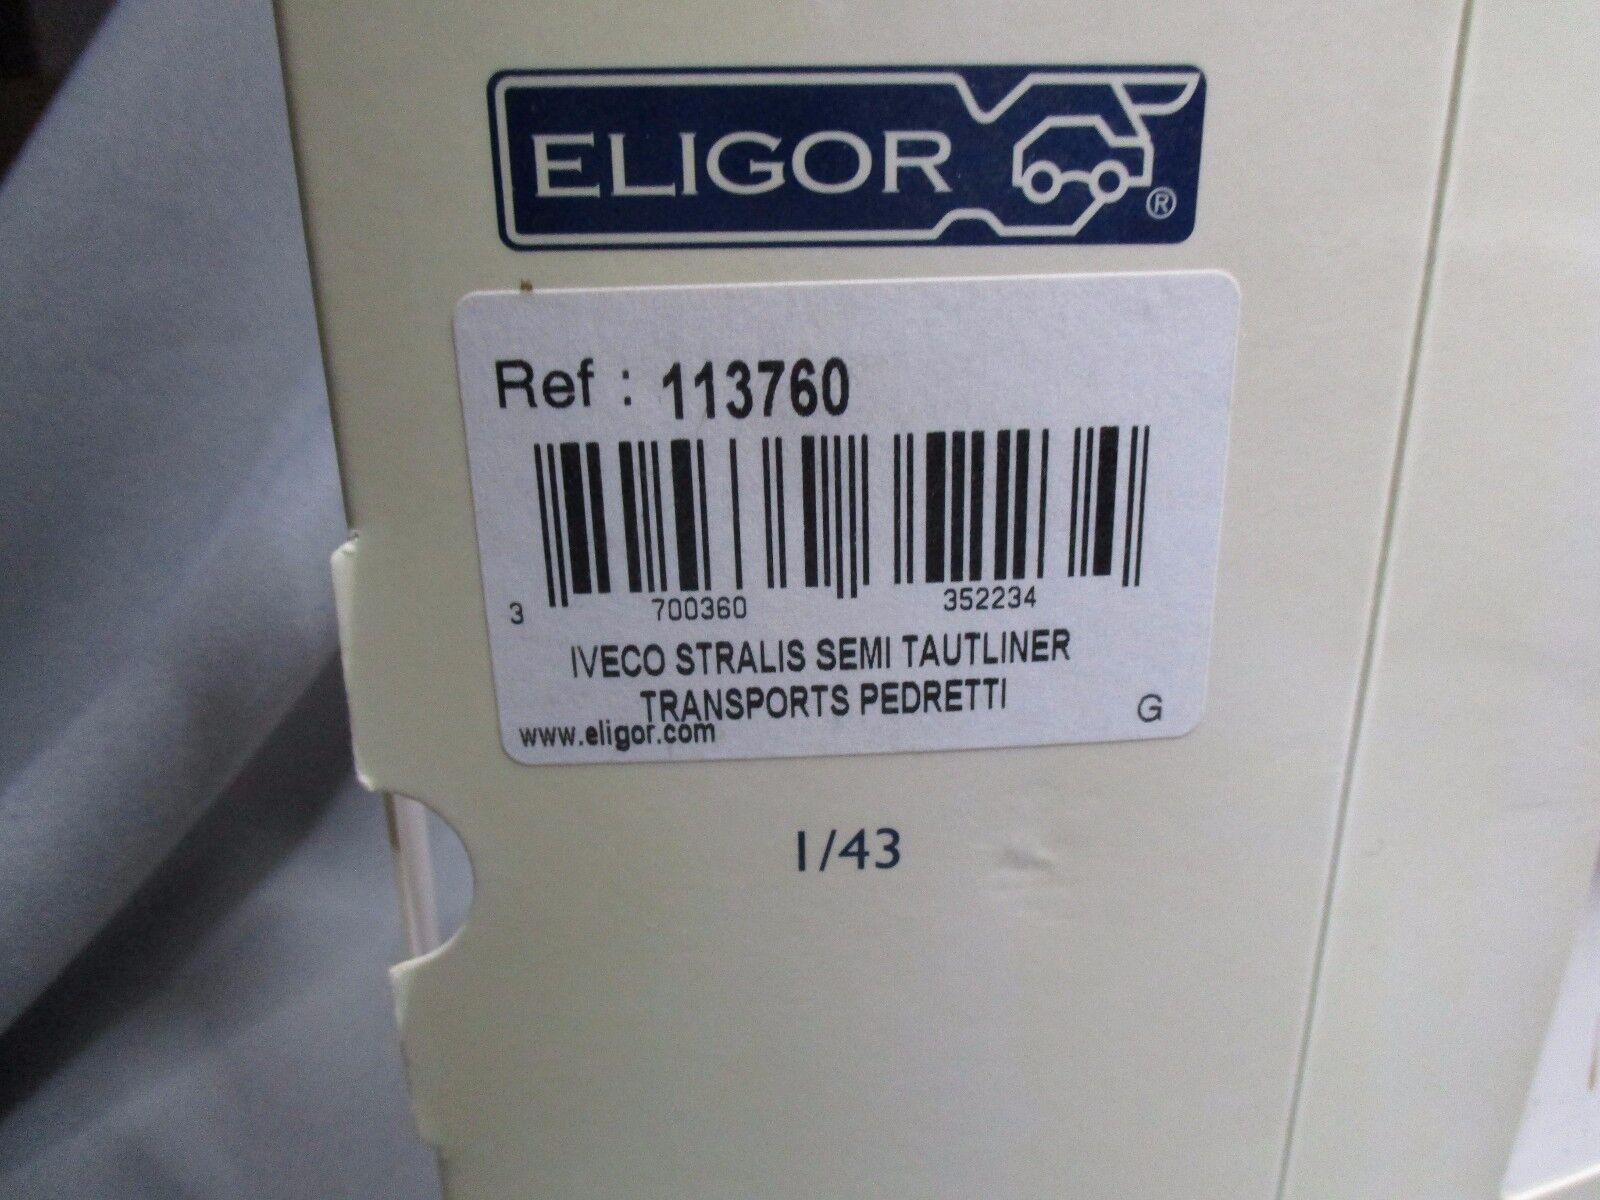 DV7706 DV7706 DV7706 ELIGOR 1 43 IVECO STRALIS TAUTLINER TRANSPORTS PEDRETTI Ref 113760 RARE 462c5f